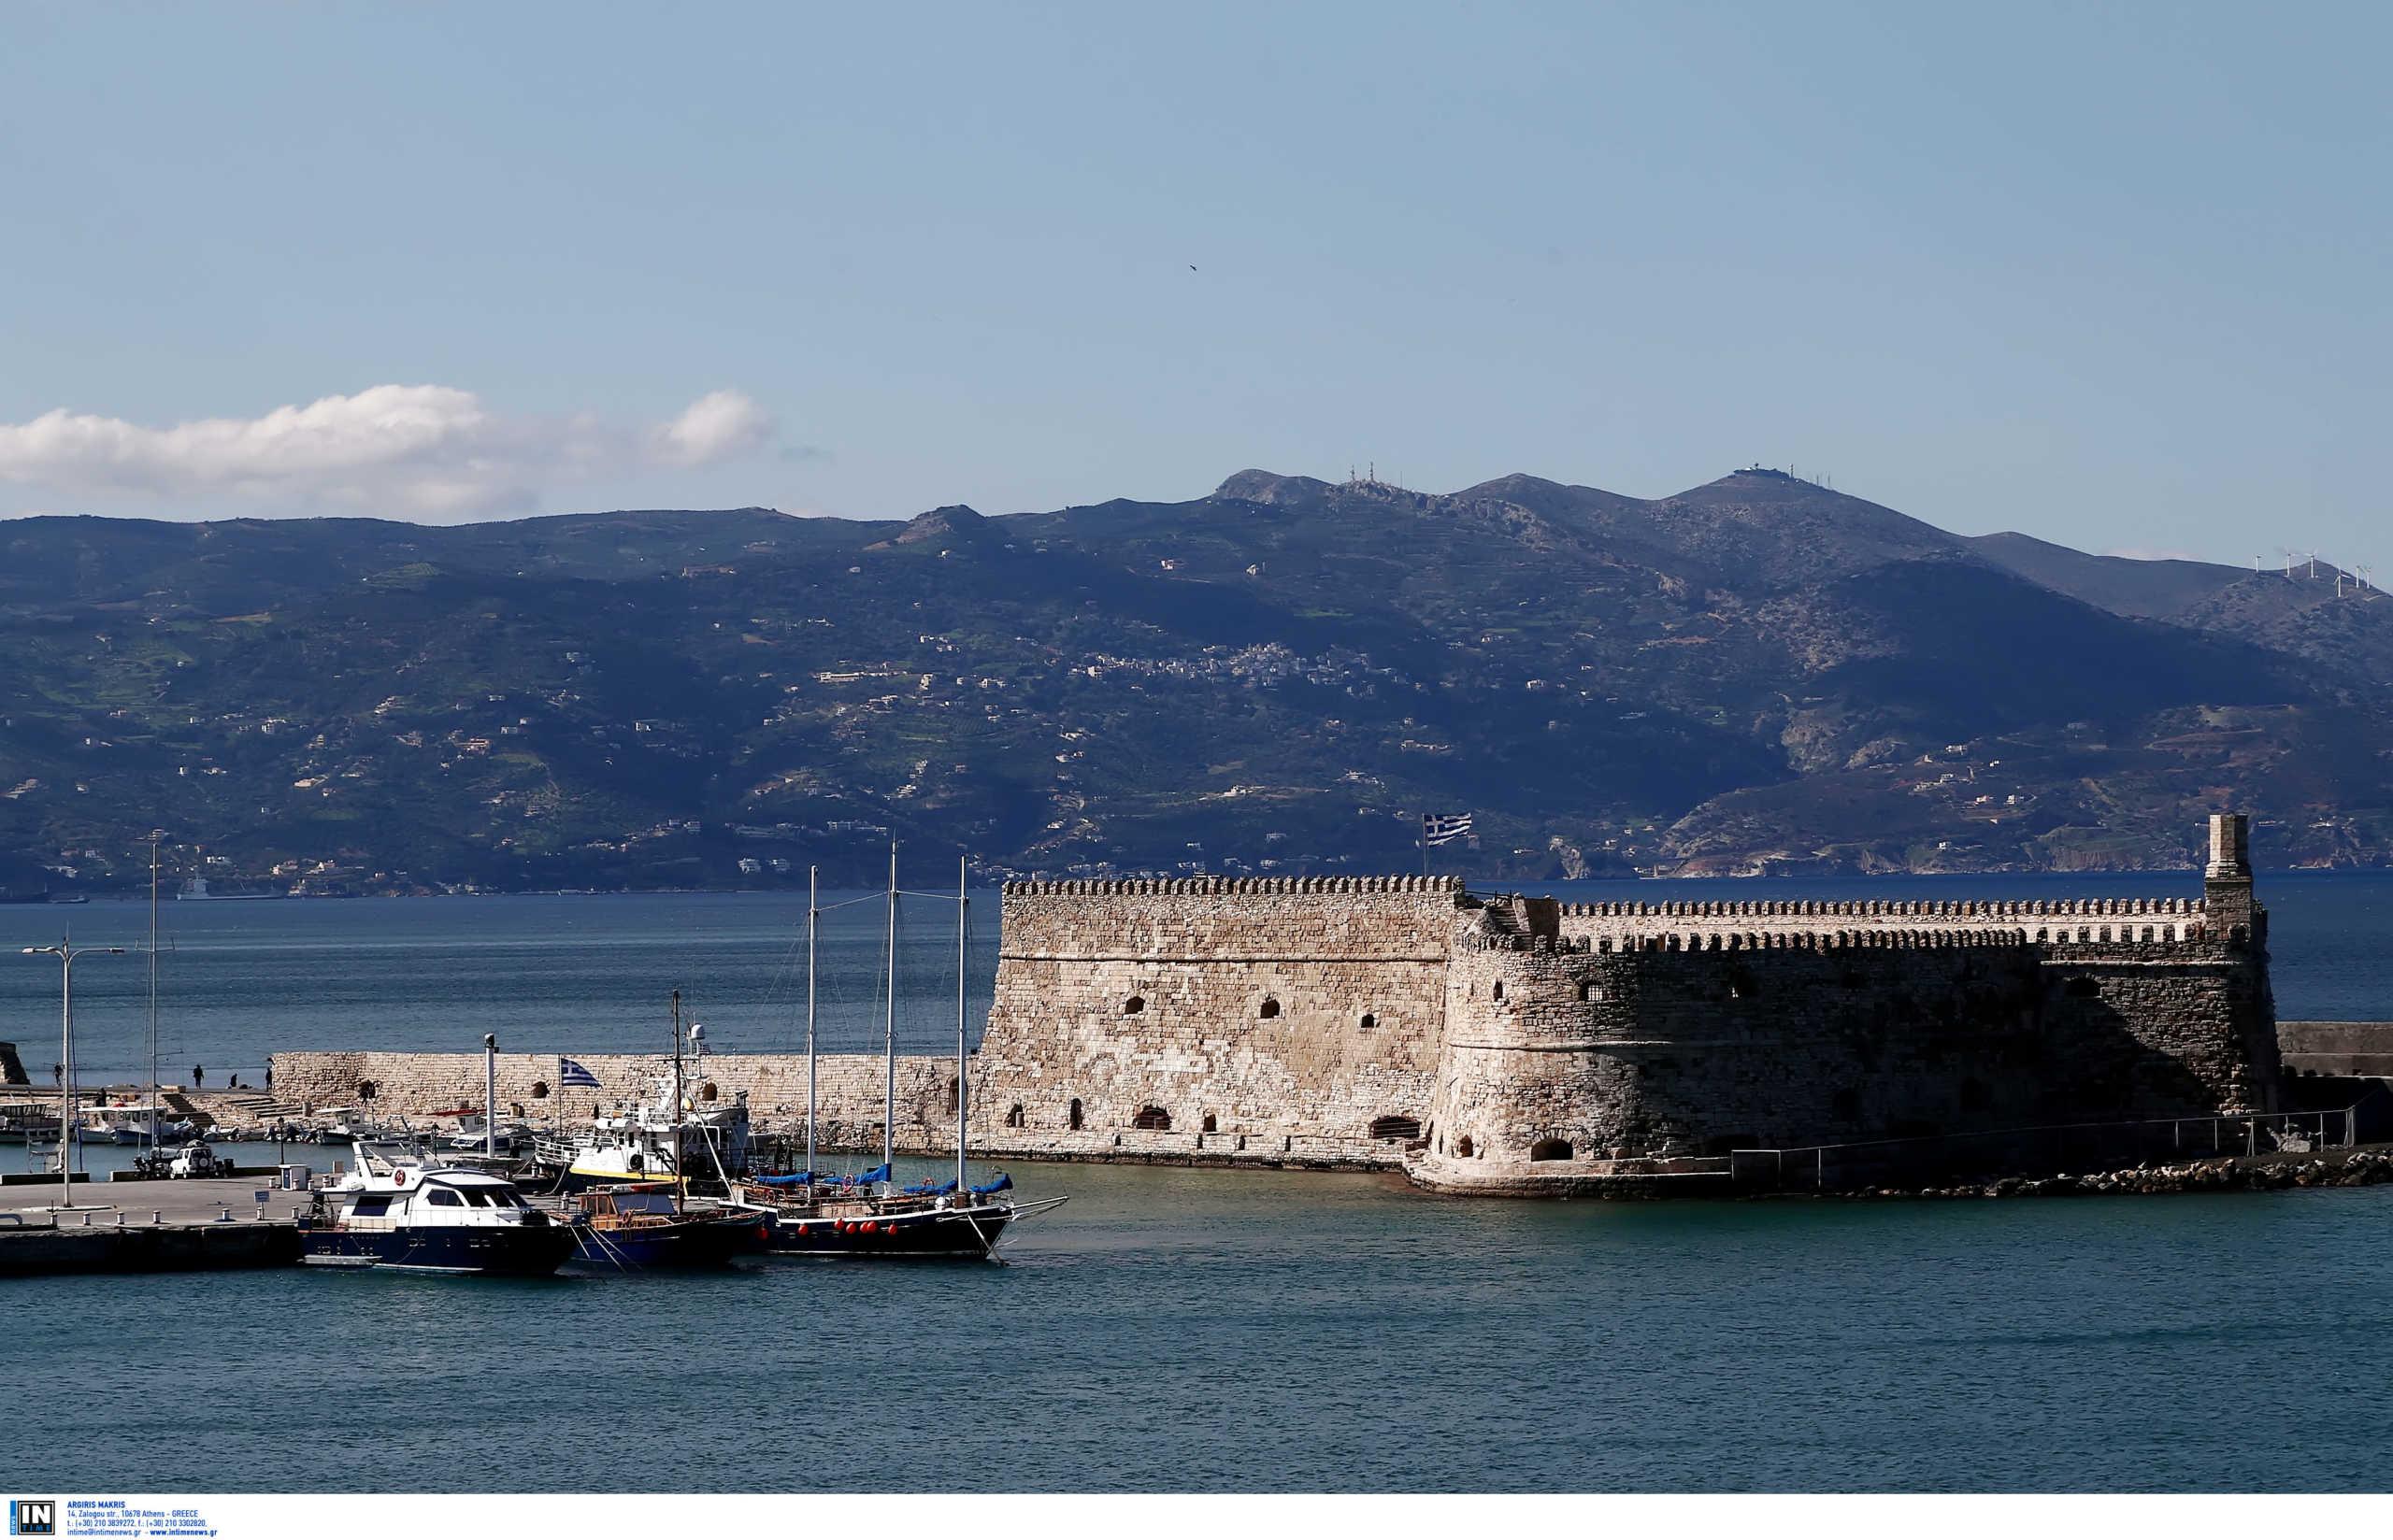 Κορονοϊός: Κατακόρυφη αύξηση του ιικού φορτίου στα λύματα του Ηρακλείου Κρήτης